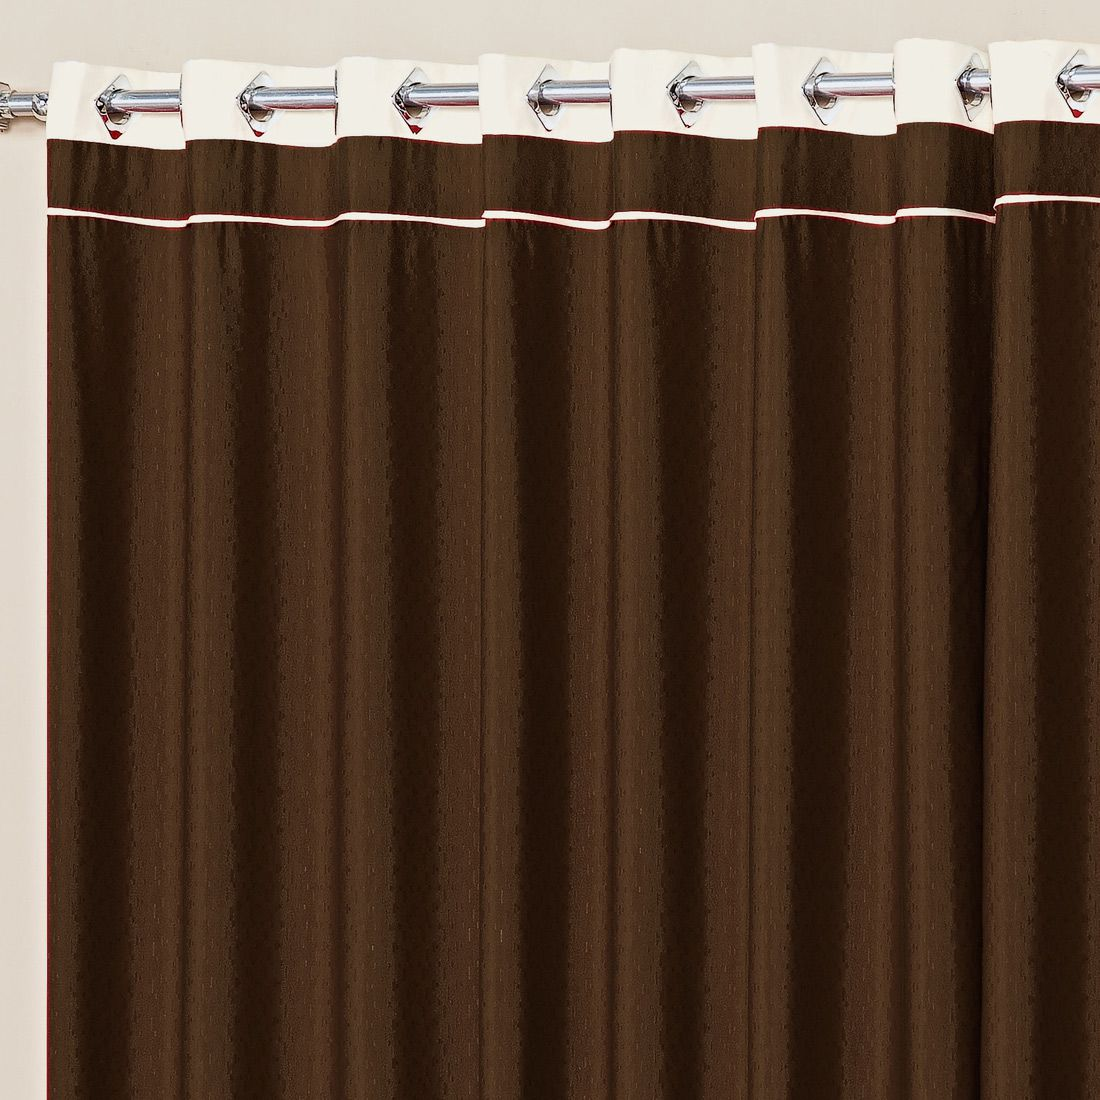 Cortina Marina Tabaco/Palha 3,00m x 2,50m p/ Varão Simples